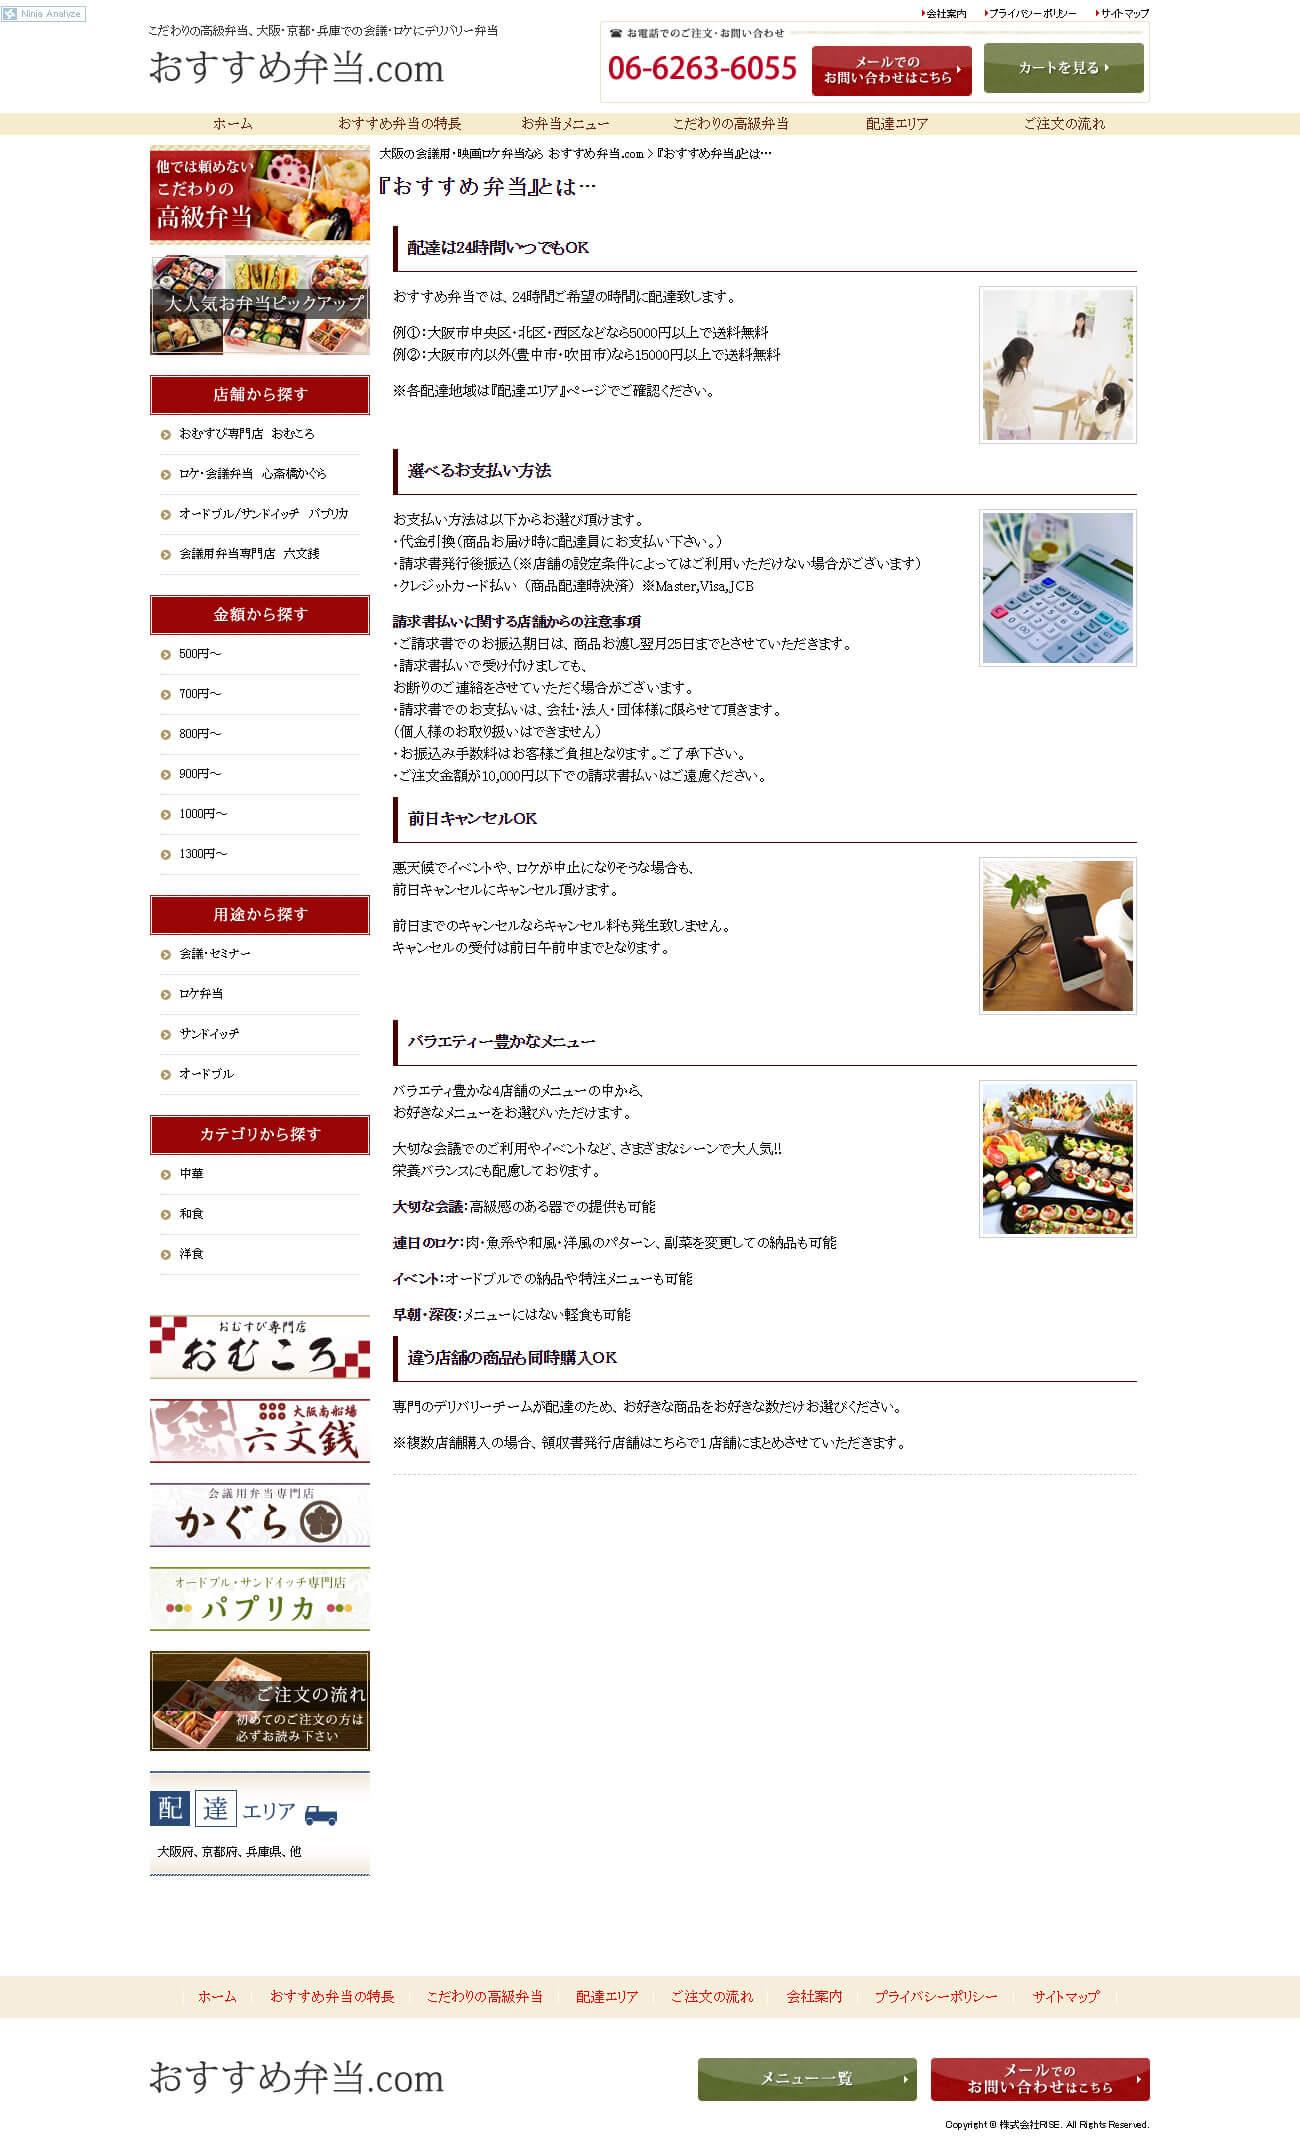 大阪府 おすすめ弁当様 ホームページ制作2